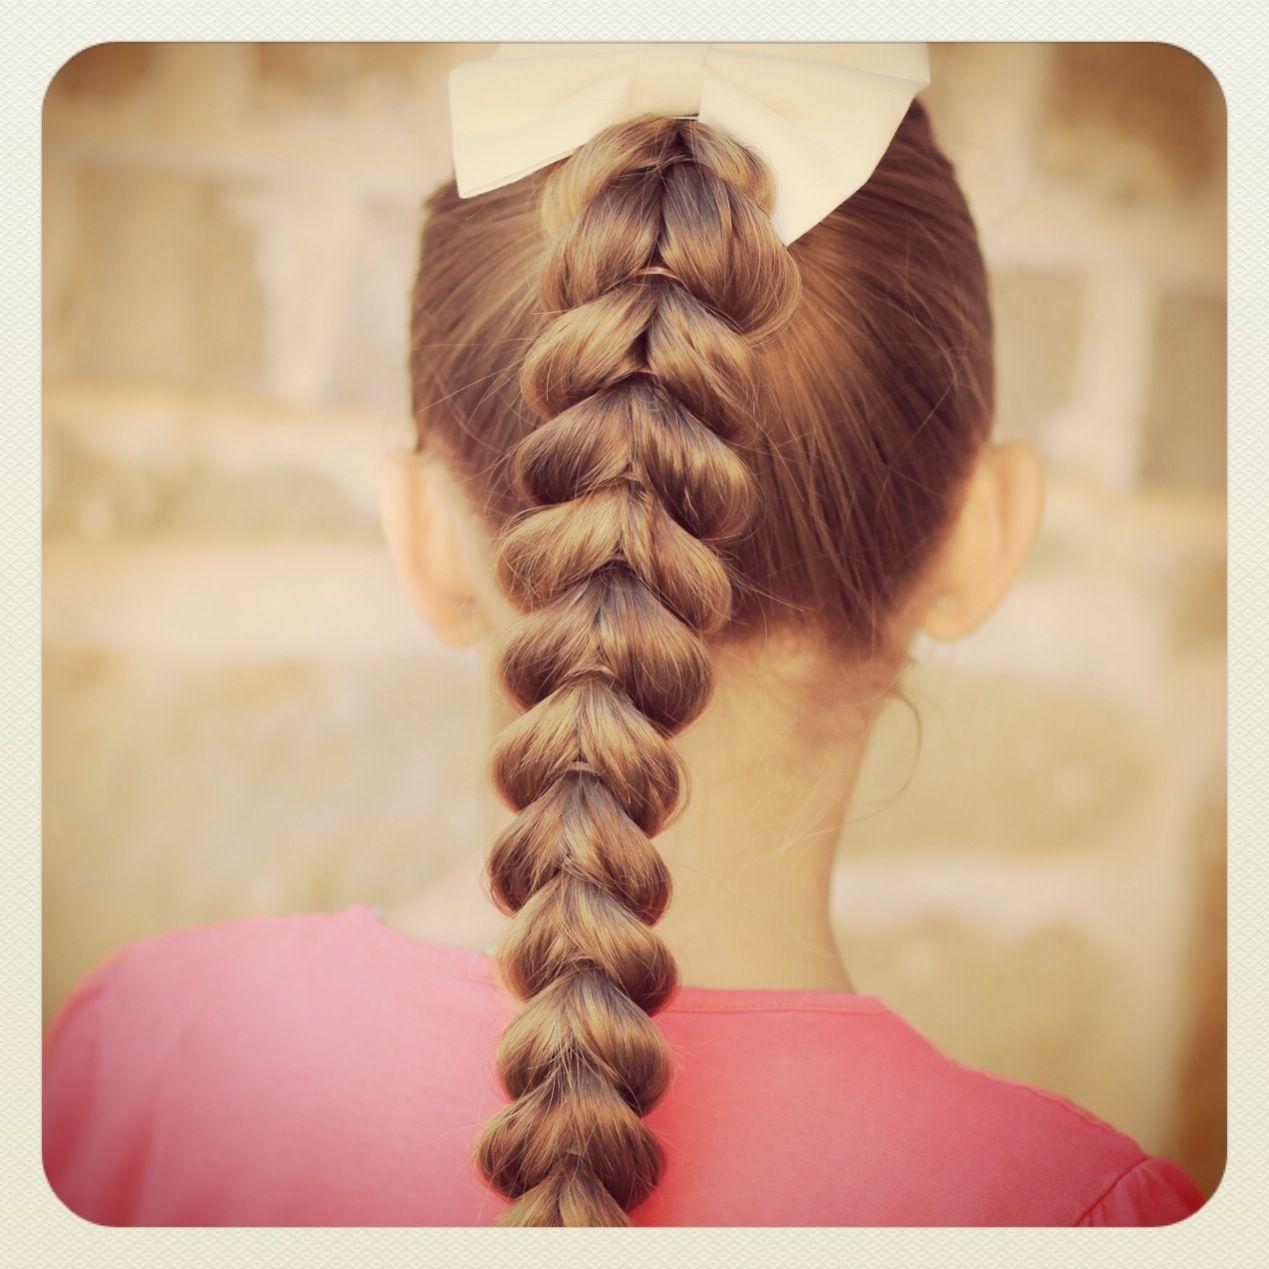 Hair Name Ideas: Pull-Through Braid